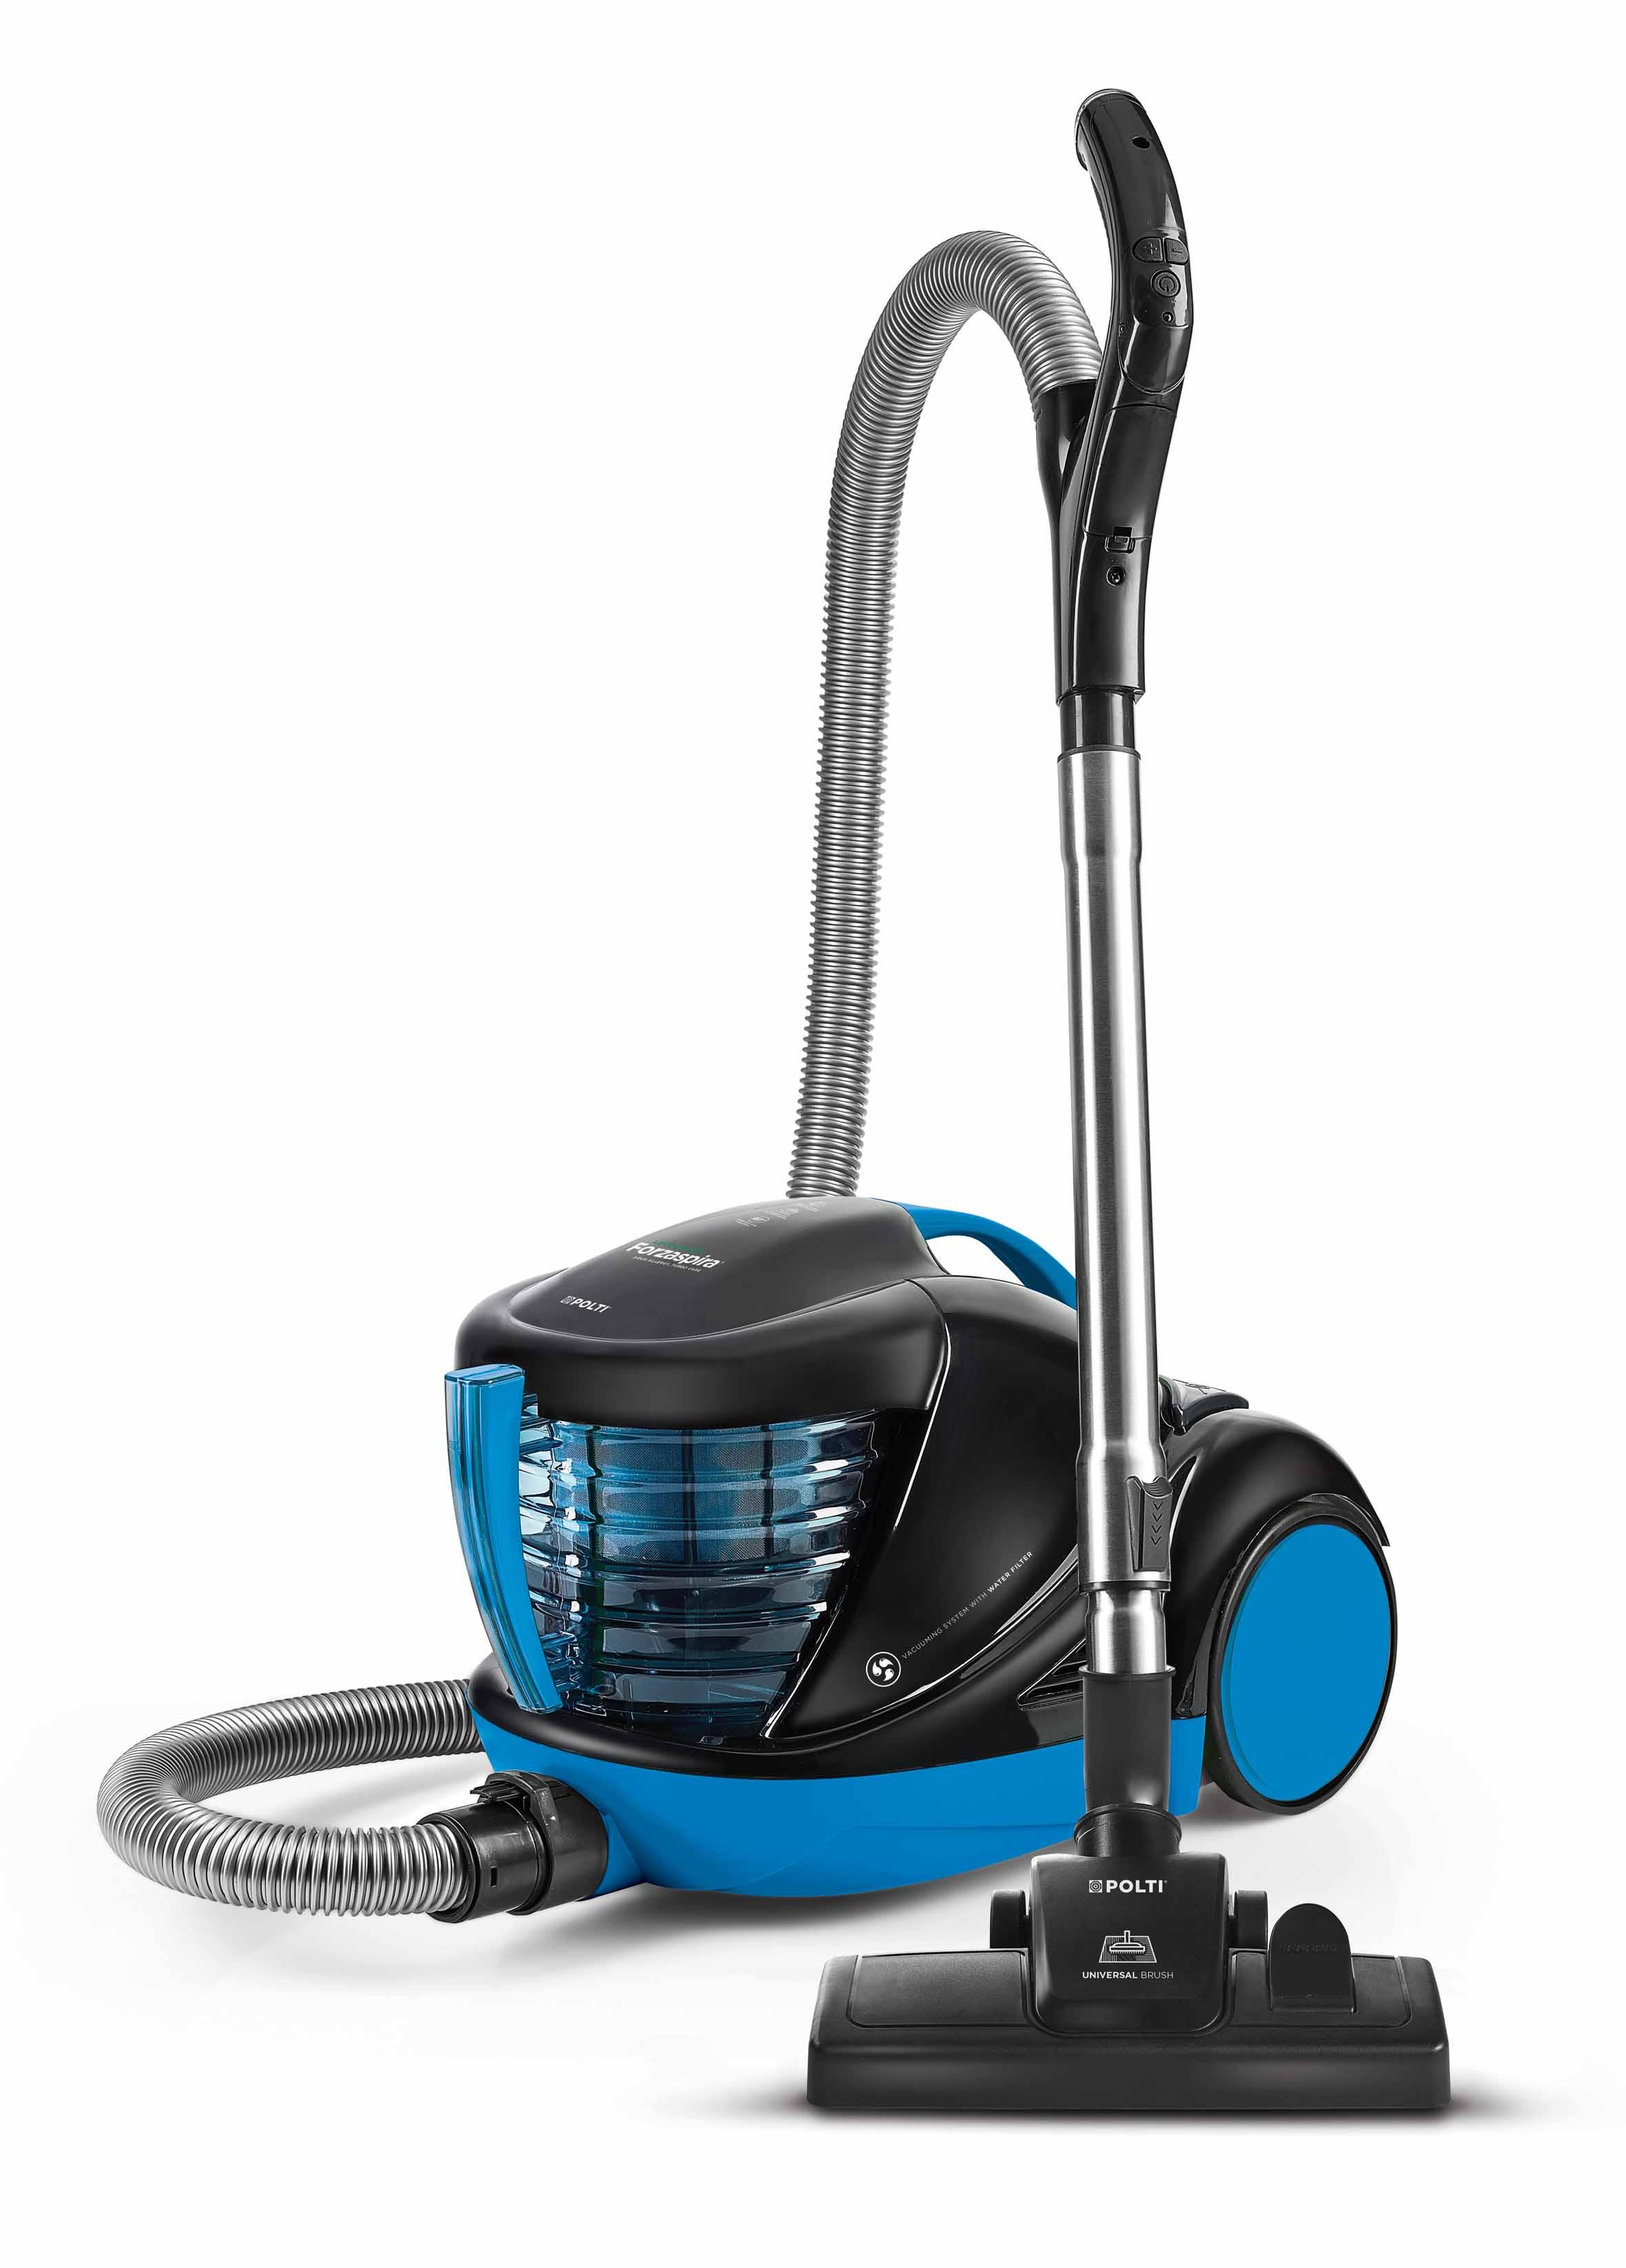 Polti Forzaspira Lecologico Aqua Allergy Turbo Care